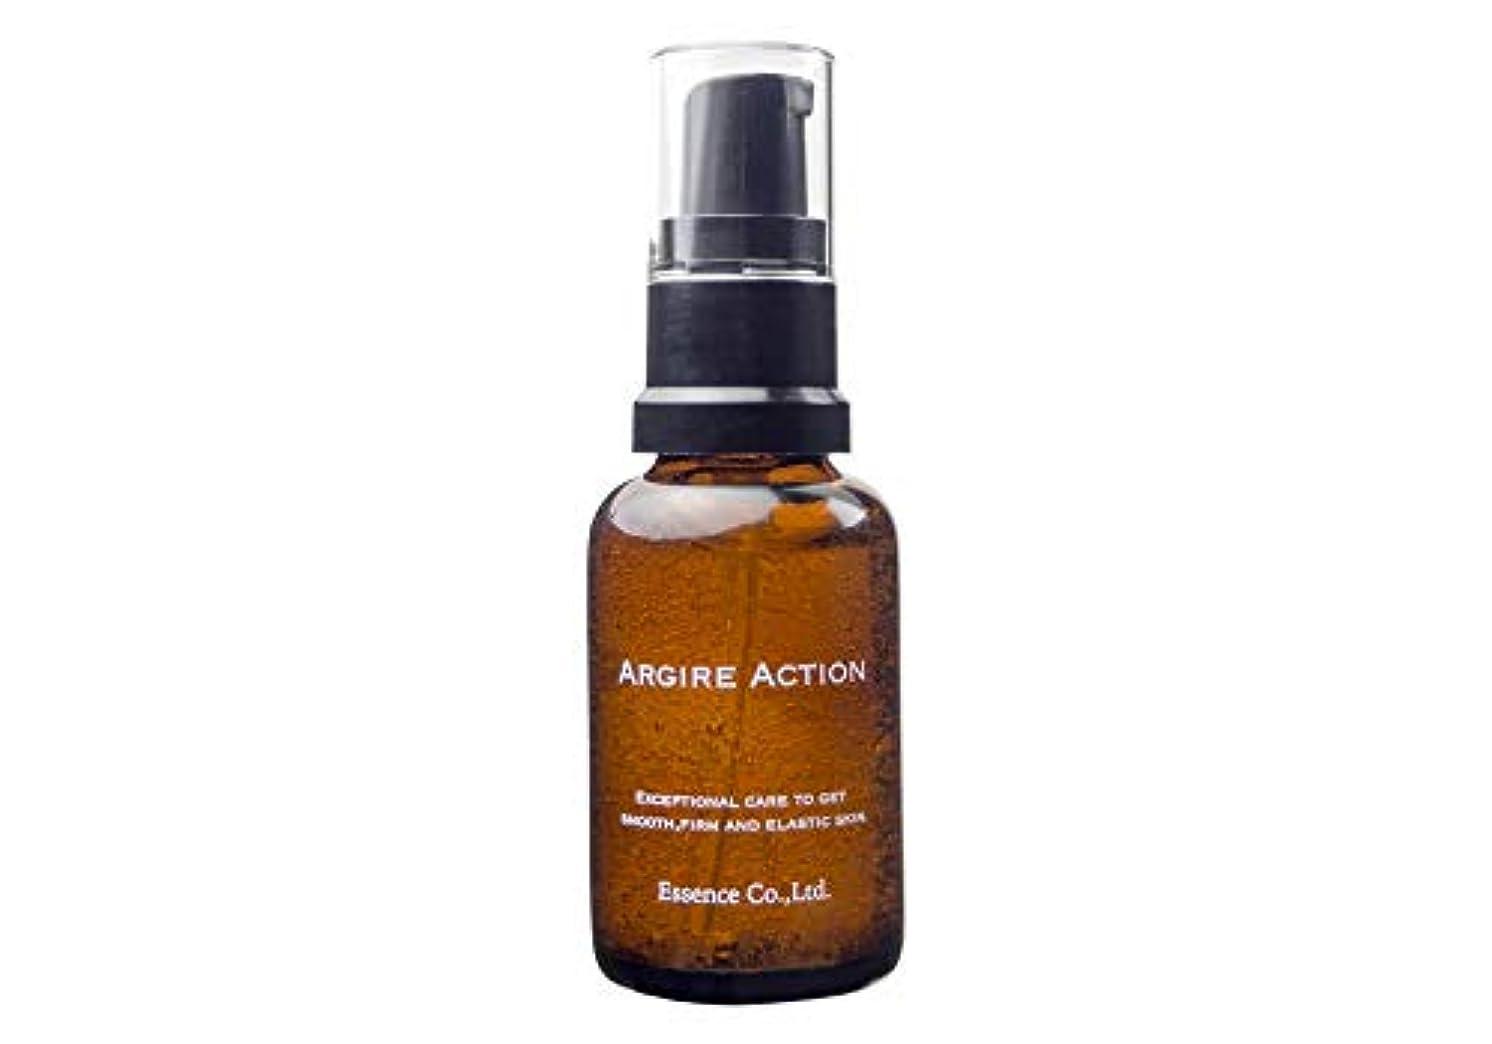 暗記する節約閉じる美容外科で採用 アルジルリン配合 塗るボトックス アルジェアクション 美容液 30ml (4~5ヵ月分)